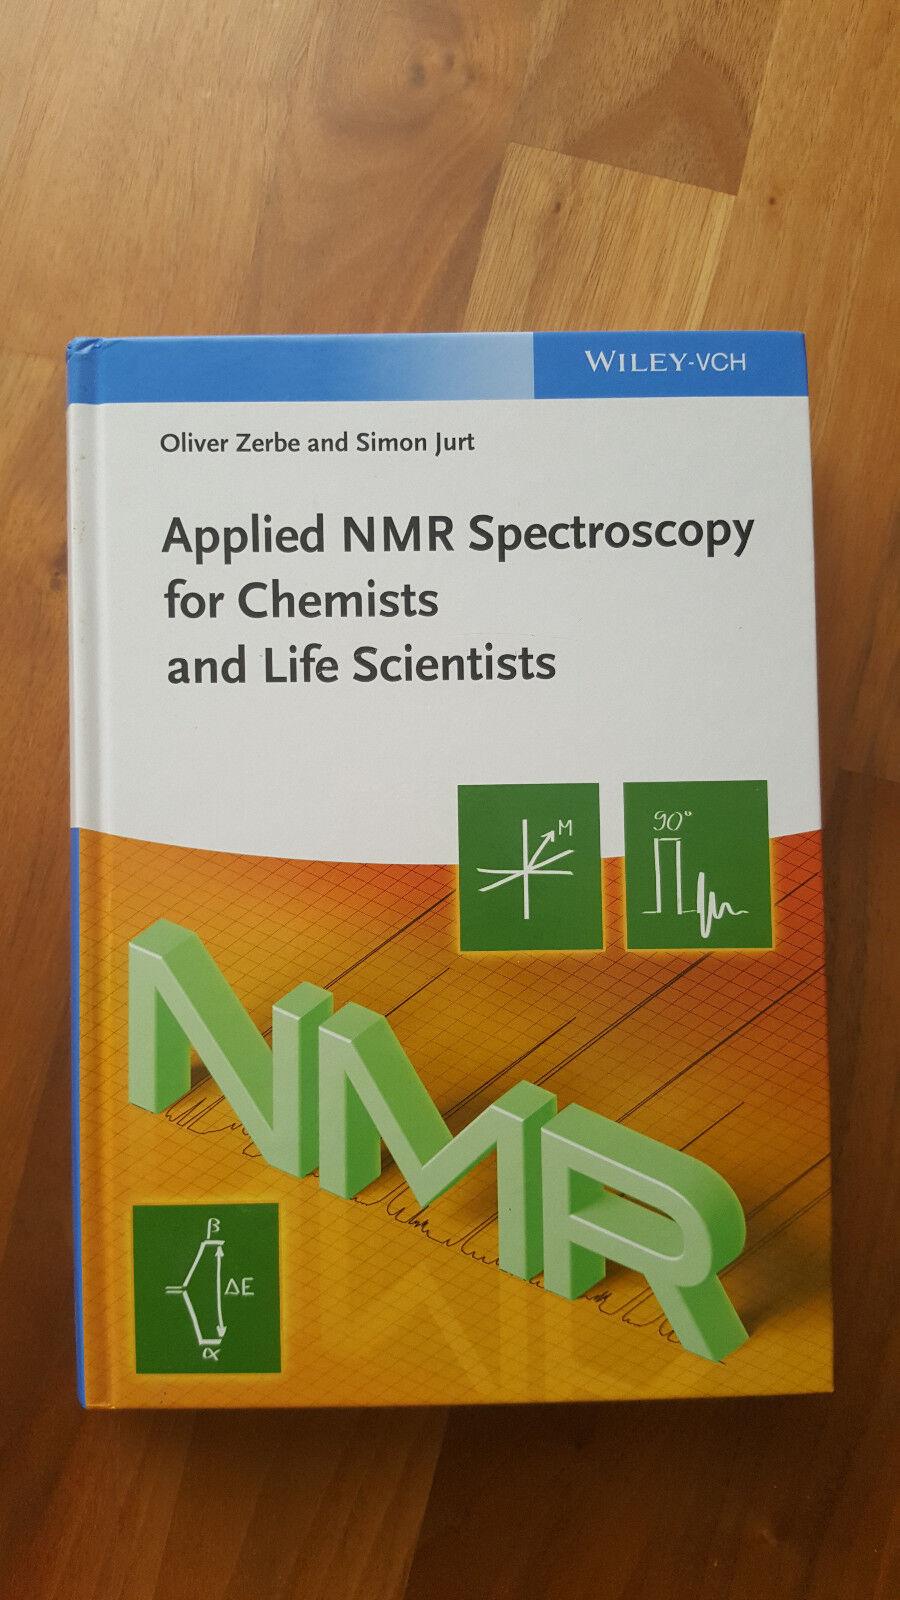 Applied NMR Spectroscopy for Chemists and Life Scientists 9783527327751 | Die Königin Der Qualität  | Ausgezeichnetes Handwerk  | Berühmter Laden